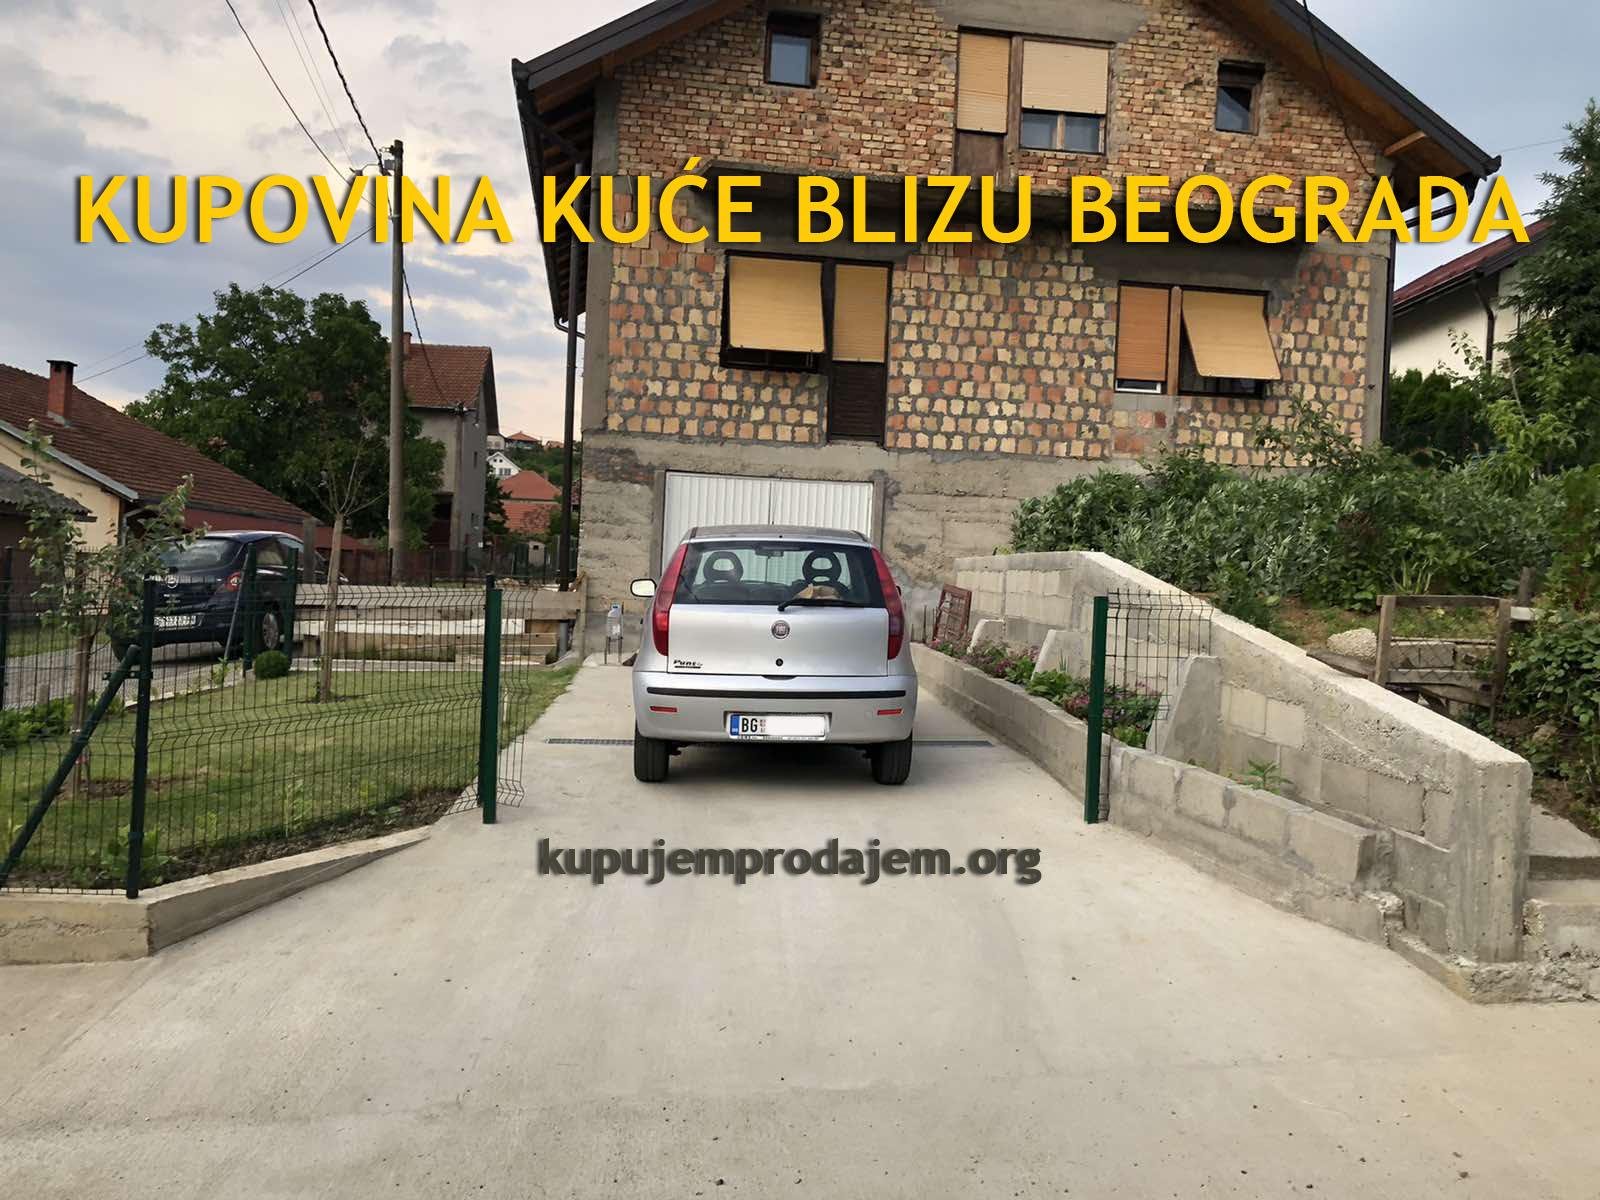 Kupovina kuće blizu Beograda